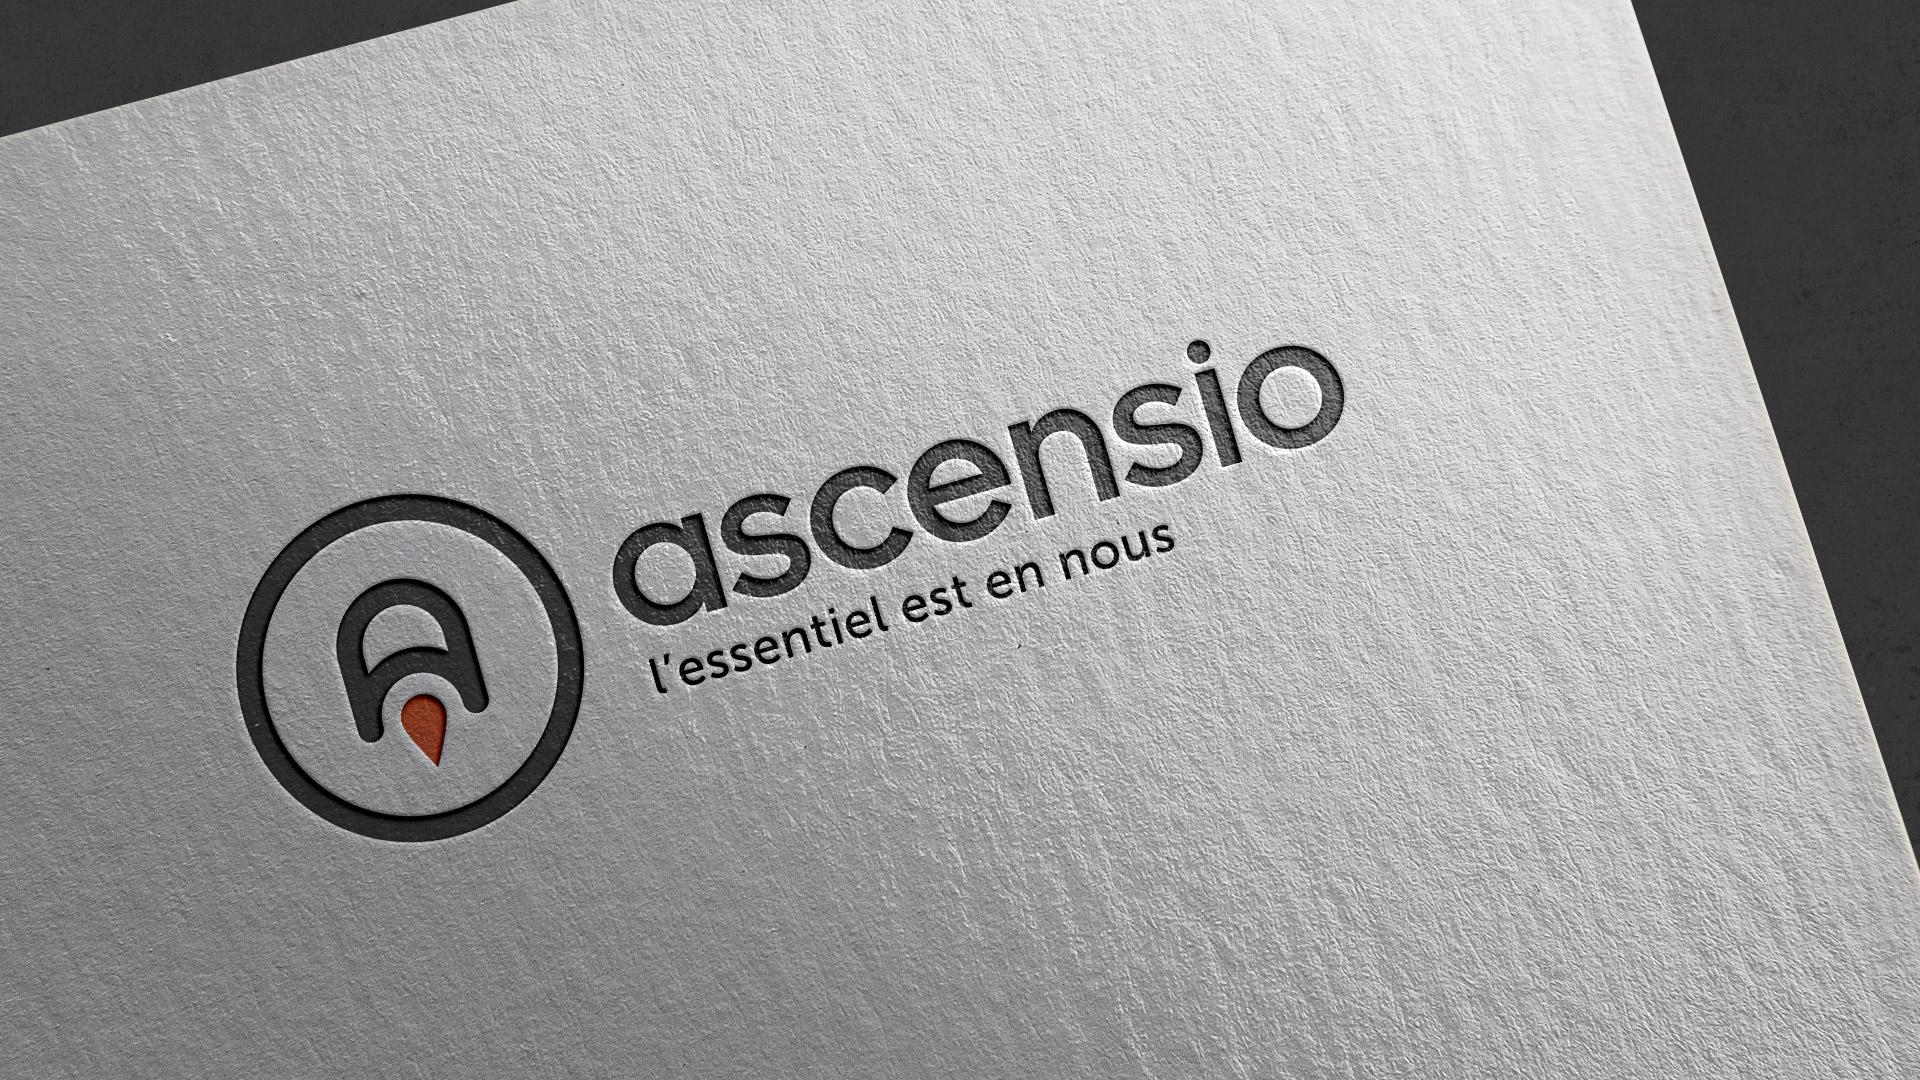 Création logo identité visuelle Ascensio - Graphiste Montpellier